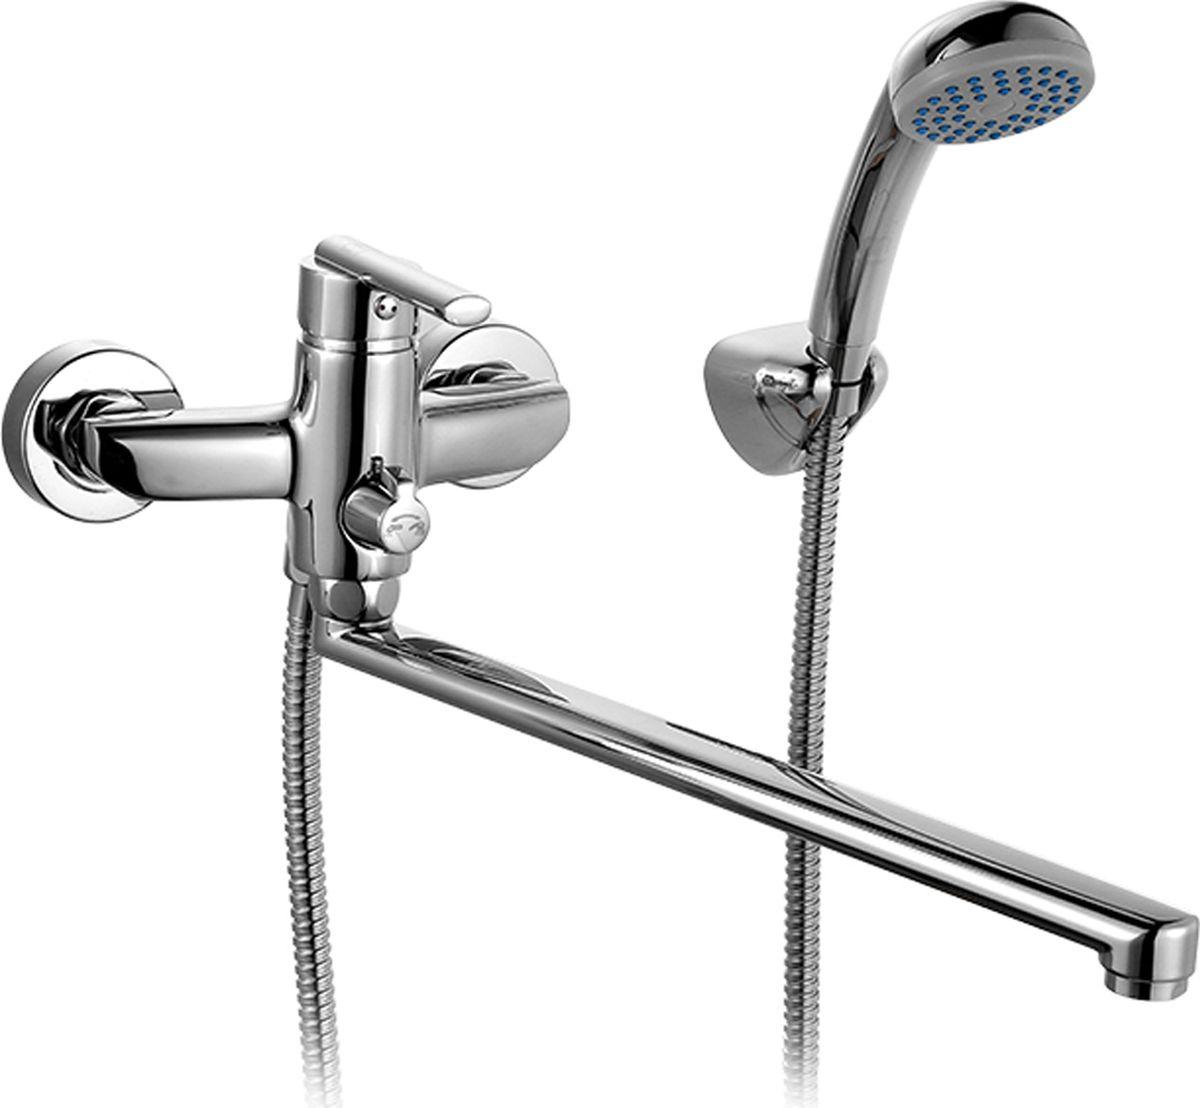 Смеситель для ванны Milardo Magellan, с длинным изливом, цвет: хромMAGSBLCM10Смеситель для ванны Milardo изготовлен из высококачественной первичной латуни, прочной, безопасной и стойкой к коррозии. Инновационные технологии литья и обработки латуни, а также увеличенная толщина стенок смесителя обеспечивают его стойкость к перепадам давления и температур. Увеличенное никель-хромовое покрытие полностью соответствует европейским стандартам качества, обеспечивает его стойкость и зеркальный блеск в течение всего срока службы изделия.Благодаря гладкой внутренней поверхности смесителя, рассекателям в водозапорных механизмах и аэратору он имеет минимальный уровень шума. Смеситель оборудован керамическим дивертором, чей сверхнадежный механизм обеспечивает плавное и мягкое переключение с излива на душ, а также непревзойденную надежность при любом давлении воды. В комплект входят лейка и шланг из нержавеющей стали длиной 1,5 м с защитой от перекручивания.Аэратор: съемный пластиковый.Картридж: керамический. Диаметр картриджа: 35 мм.Дивертор: керамический.Длина излива: 30 см.